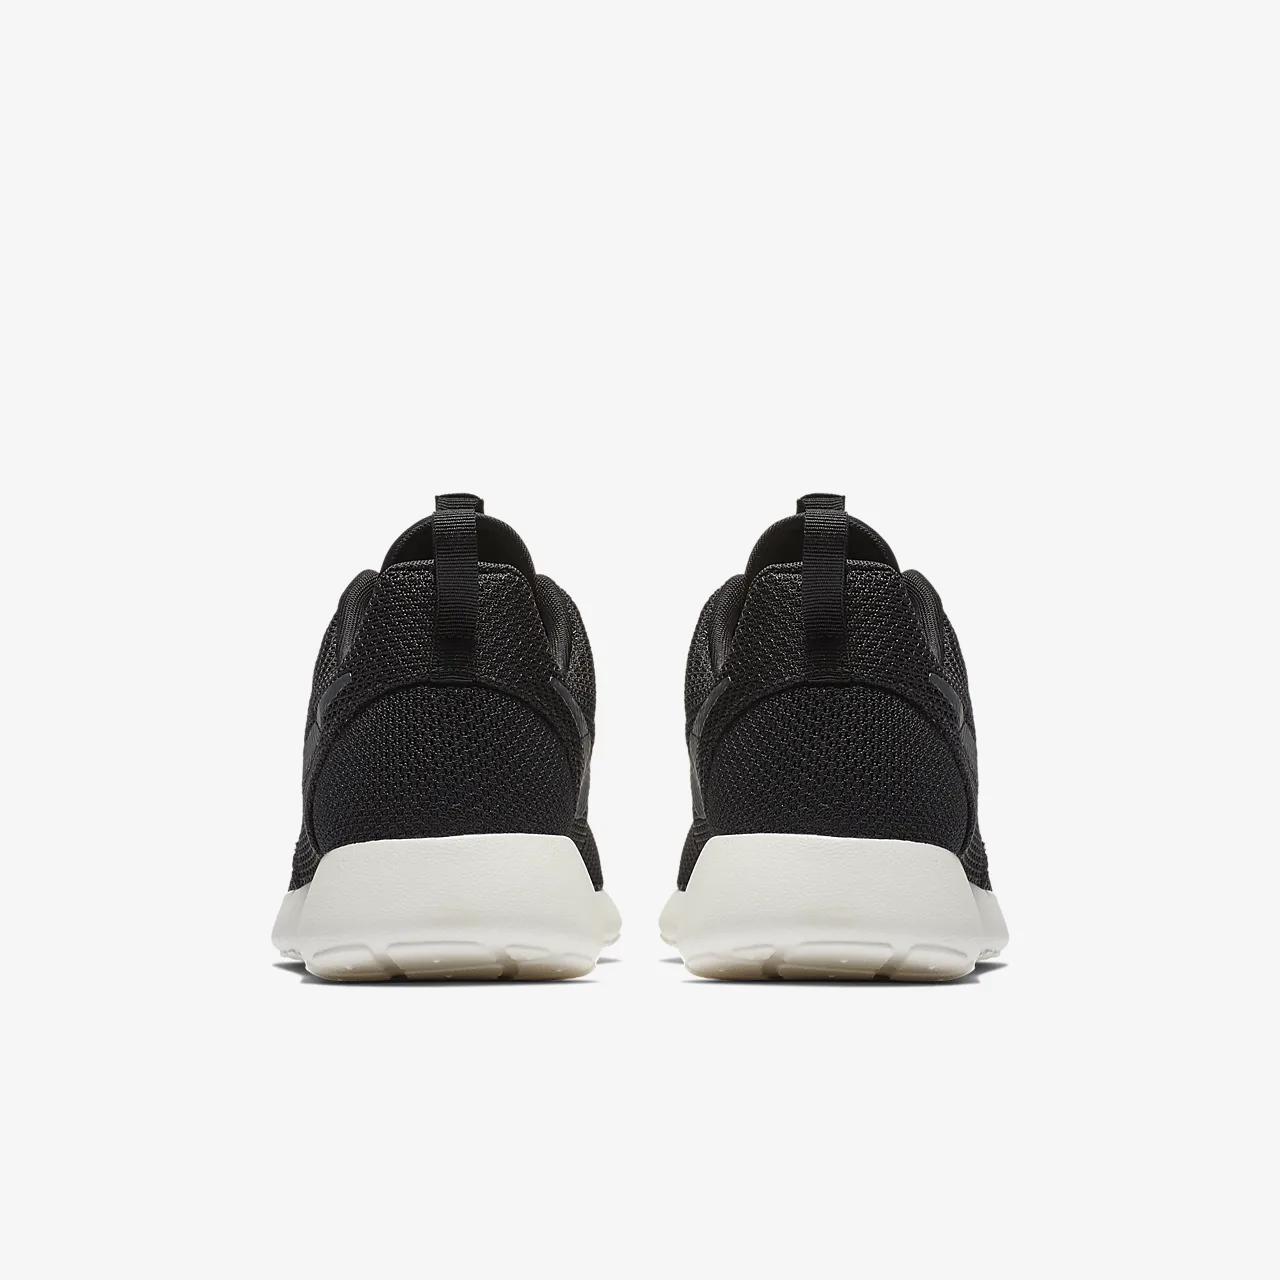 나이키 로쉬 원 남성 신발 511881-010